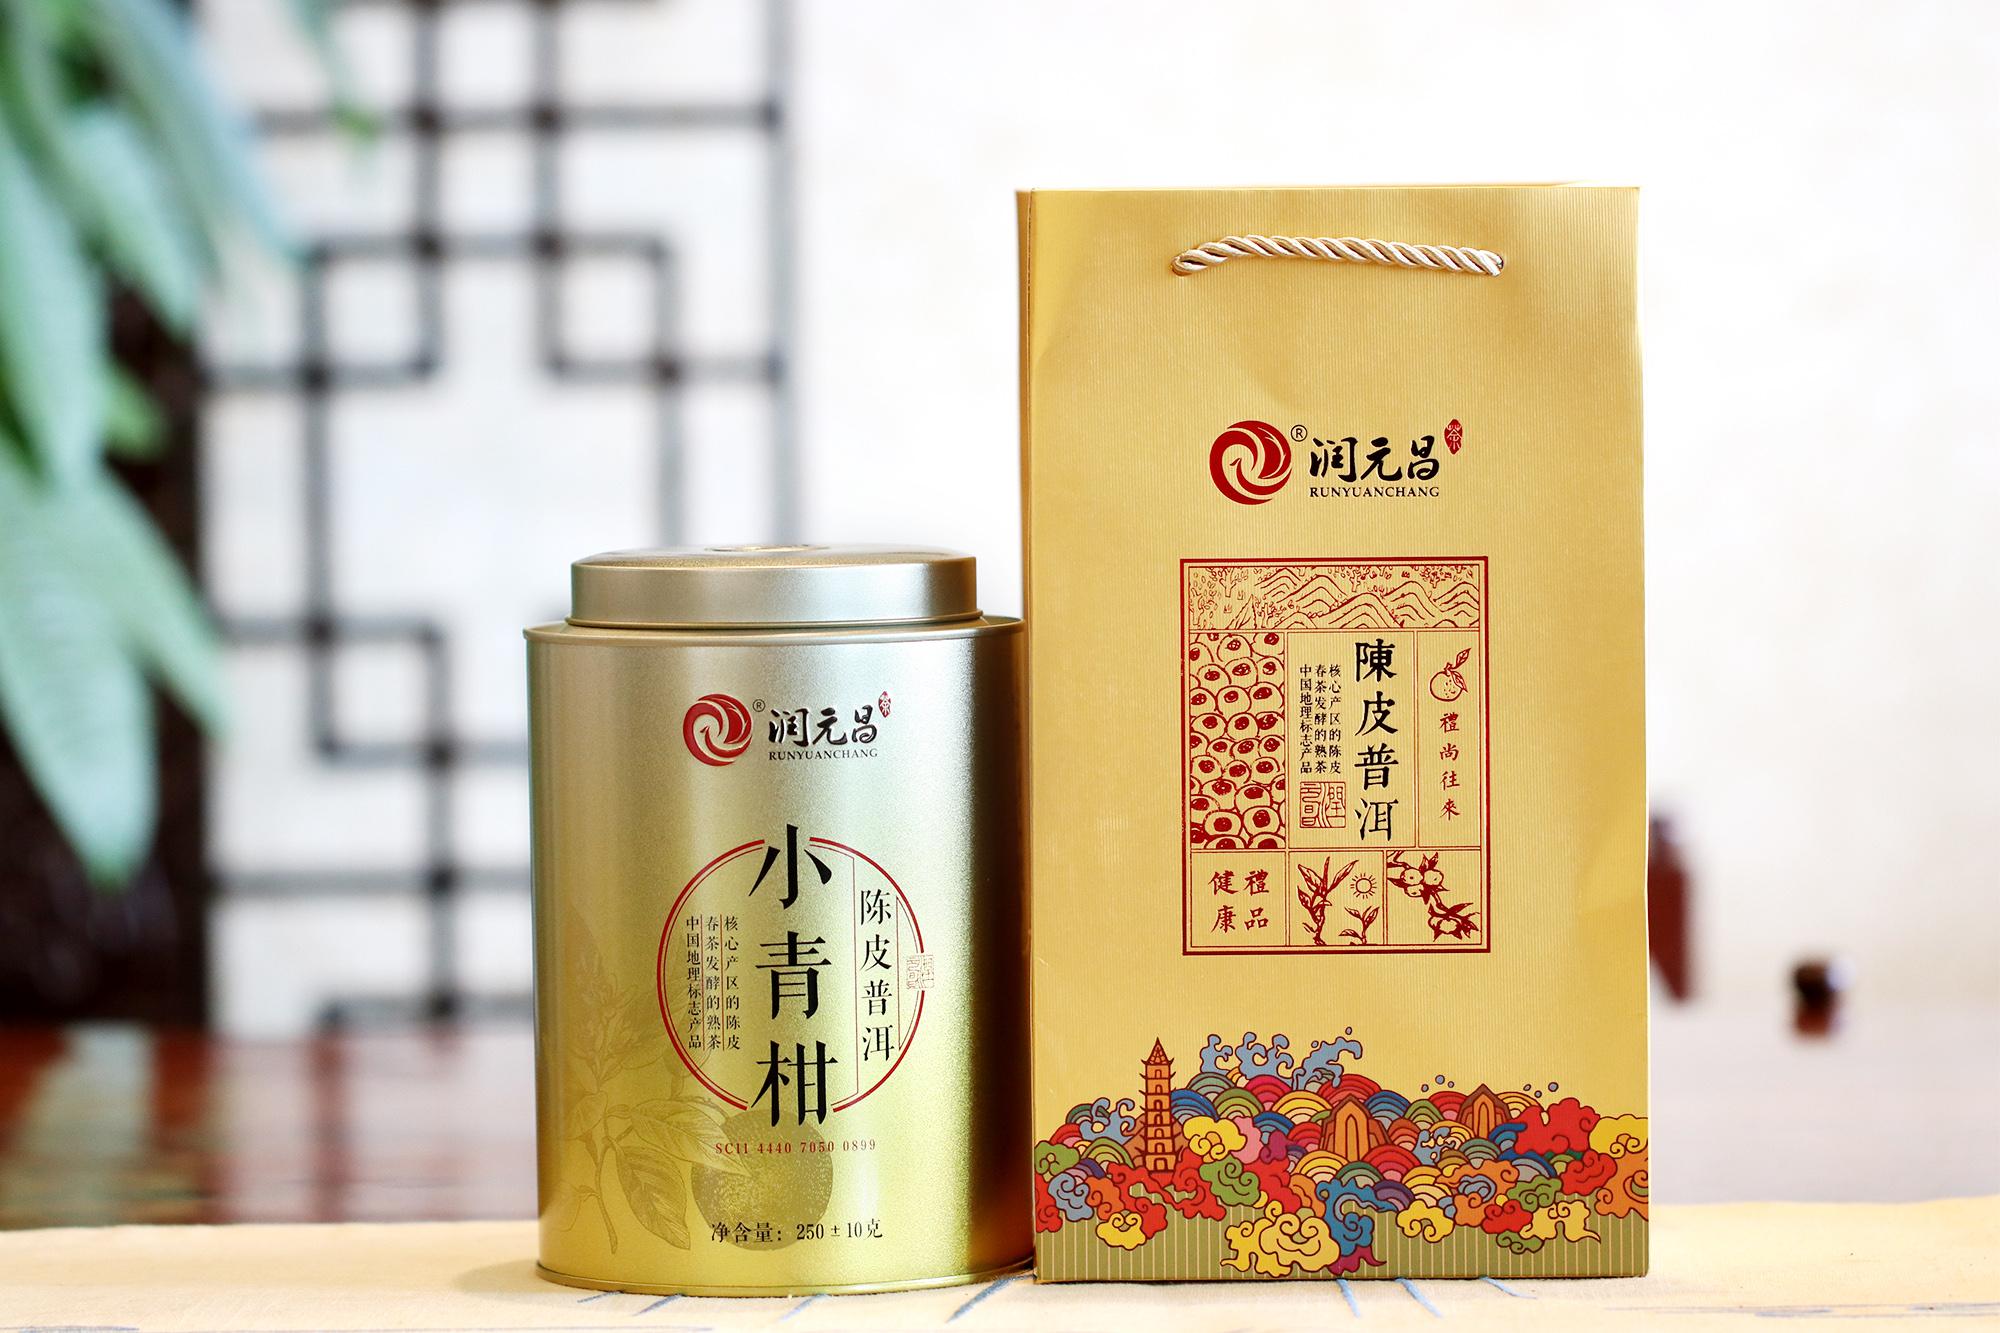 润元昌2016陈皮普洱小青柑-250克清香型